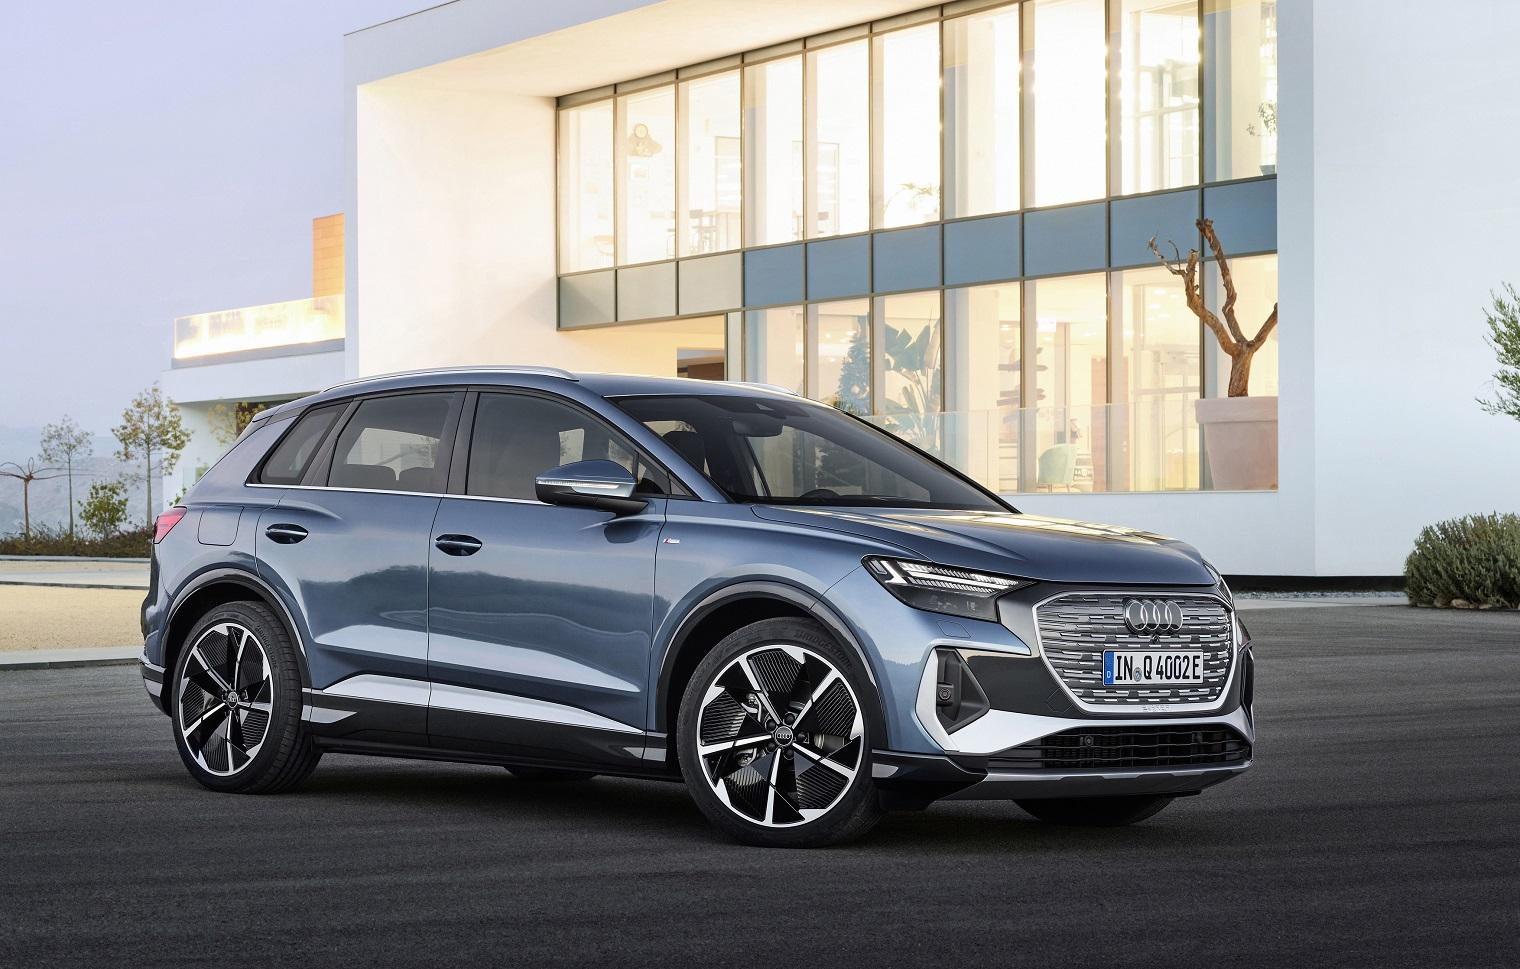 Esterni nuova Audi Q4 e-tron